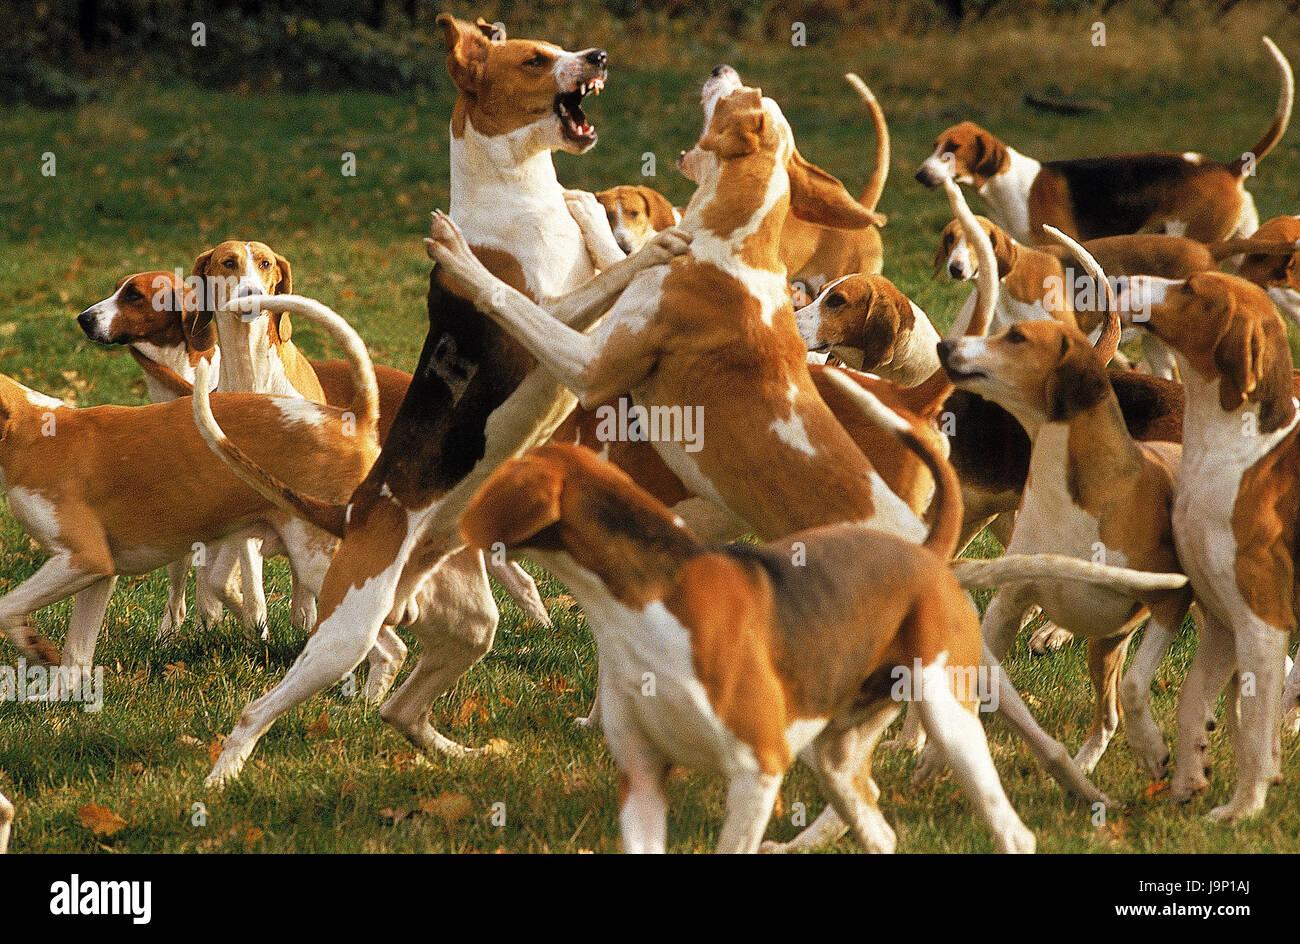 Les chiens,Grand Anglo Francais Tricolore,Grand Anglo Francais Blanc et orange, lutte, Photo Stock